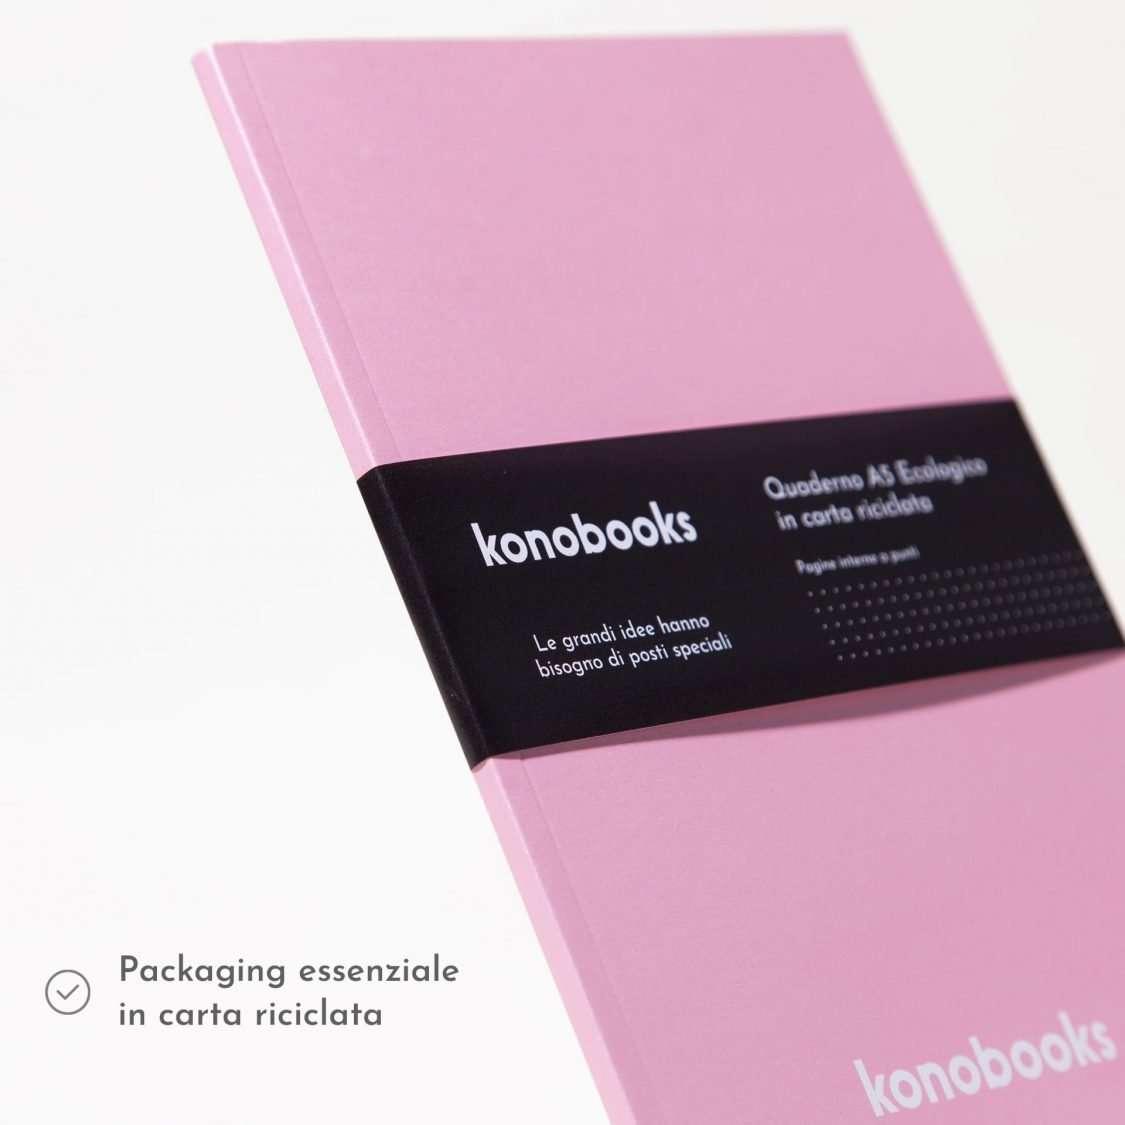 Quaderno A5 ecologico in carta riciclata - Copertina perlata